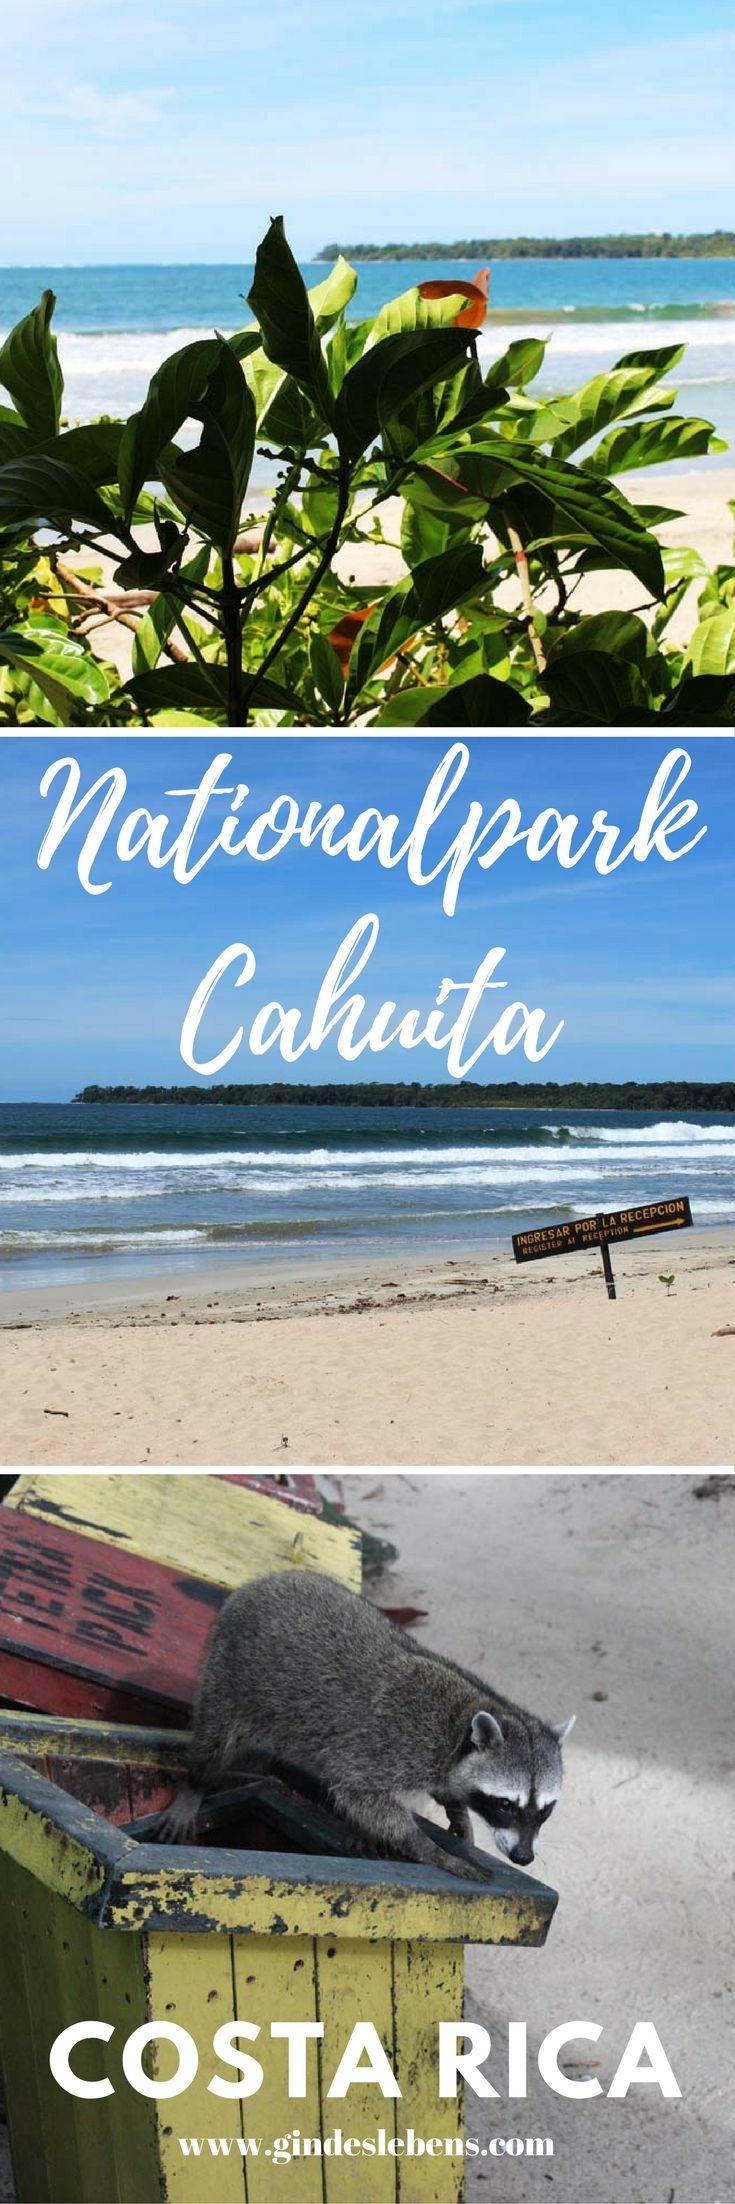 Nationalpark Cahuita – wir wurden beklaut! Im Nationalpark Cahuita wurden wir zum ersten Mal im Urlaub beklaut! Unser Besuch im Nationalpark hatte aber auch schöne Erlebnisse zu bieten und wir konnten endlich im Meer baden. Cahuita ist der zweitälteste Nationalpark des Landes und umfasst etwas mehr als einen Hektar Fläche. Der Nationalpark befindet sich 15km nördlich von Puerto Viejo de Talamanca. Die Region um den Nationalpark wurde 1991 von einem Erdbeben erschüttert, bei dem wohl ein Teil…